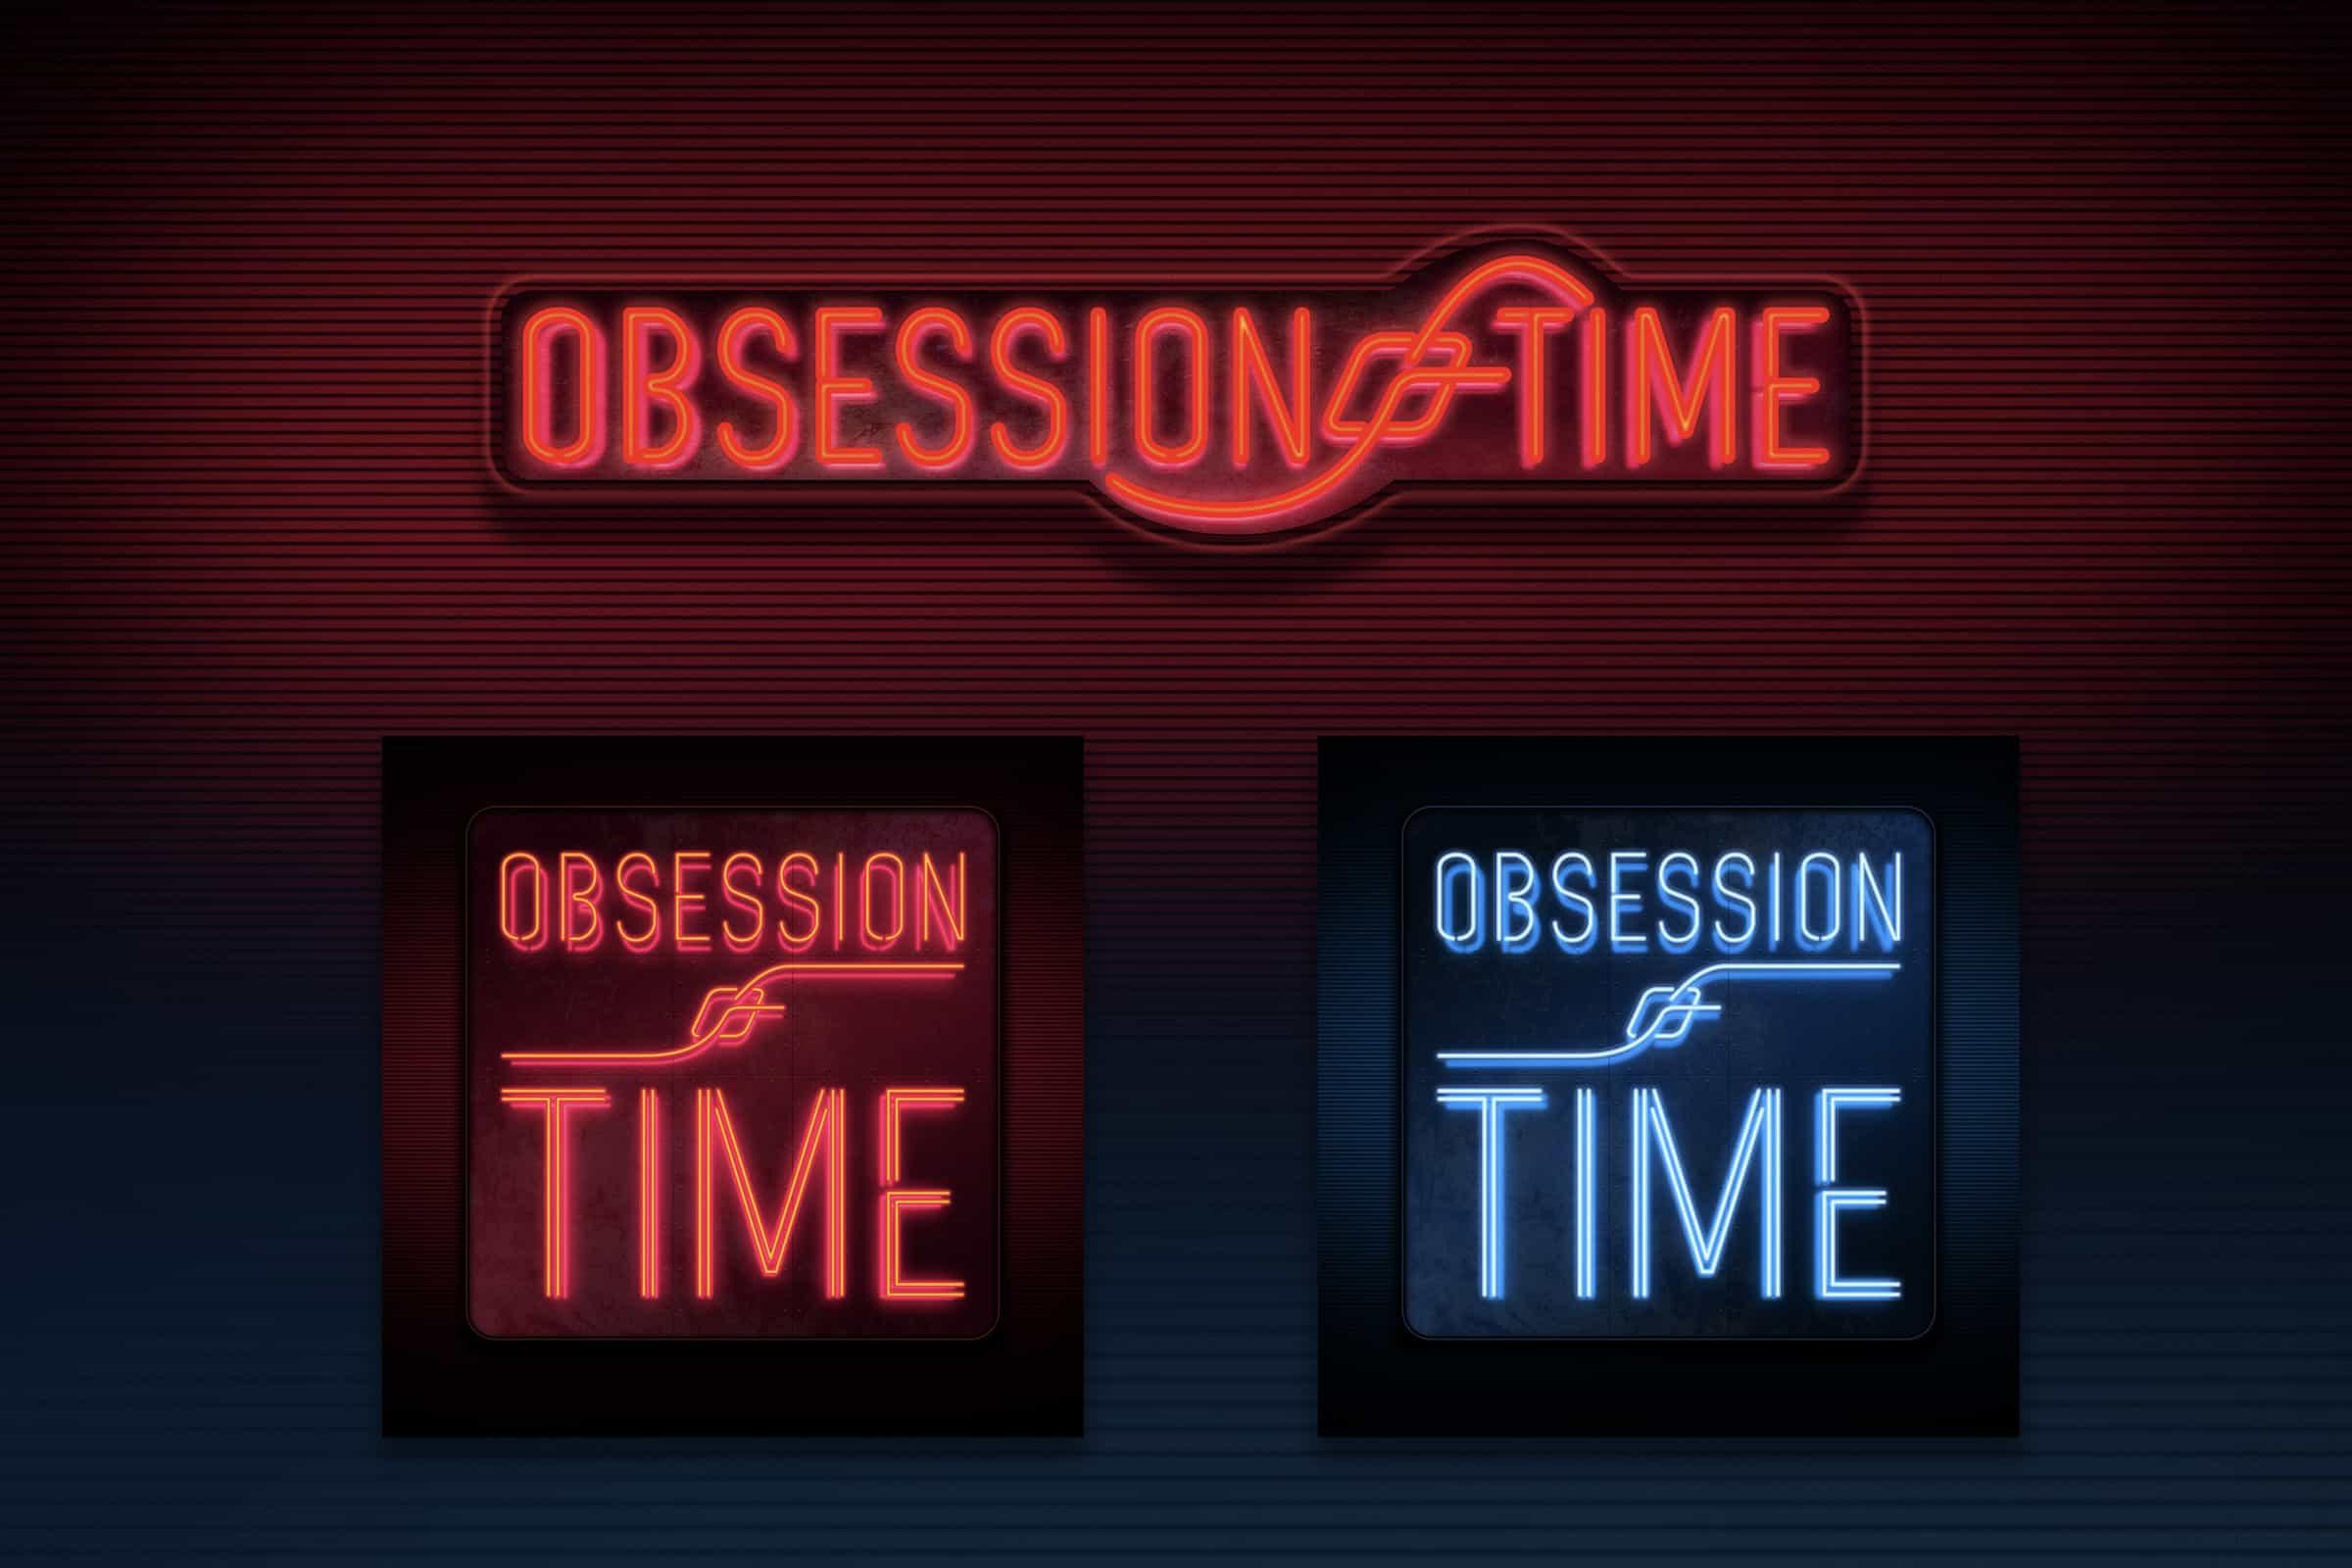 Sammanställd bild av två olika utförande av logotyper till ett elektroniskt band som heter Obsession of Time. Logotyperna är utförda som klassiska neonskyltar och lyser i rött och blått i respektive utförande.